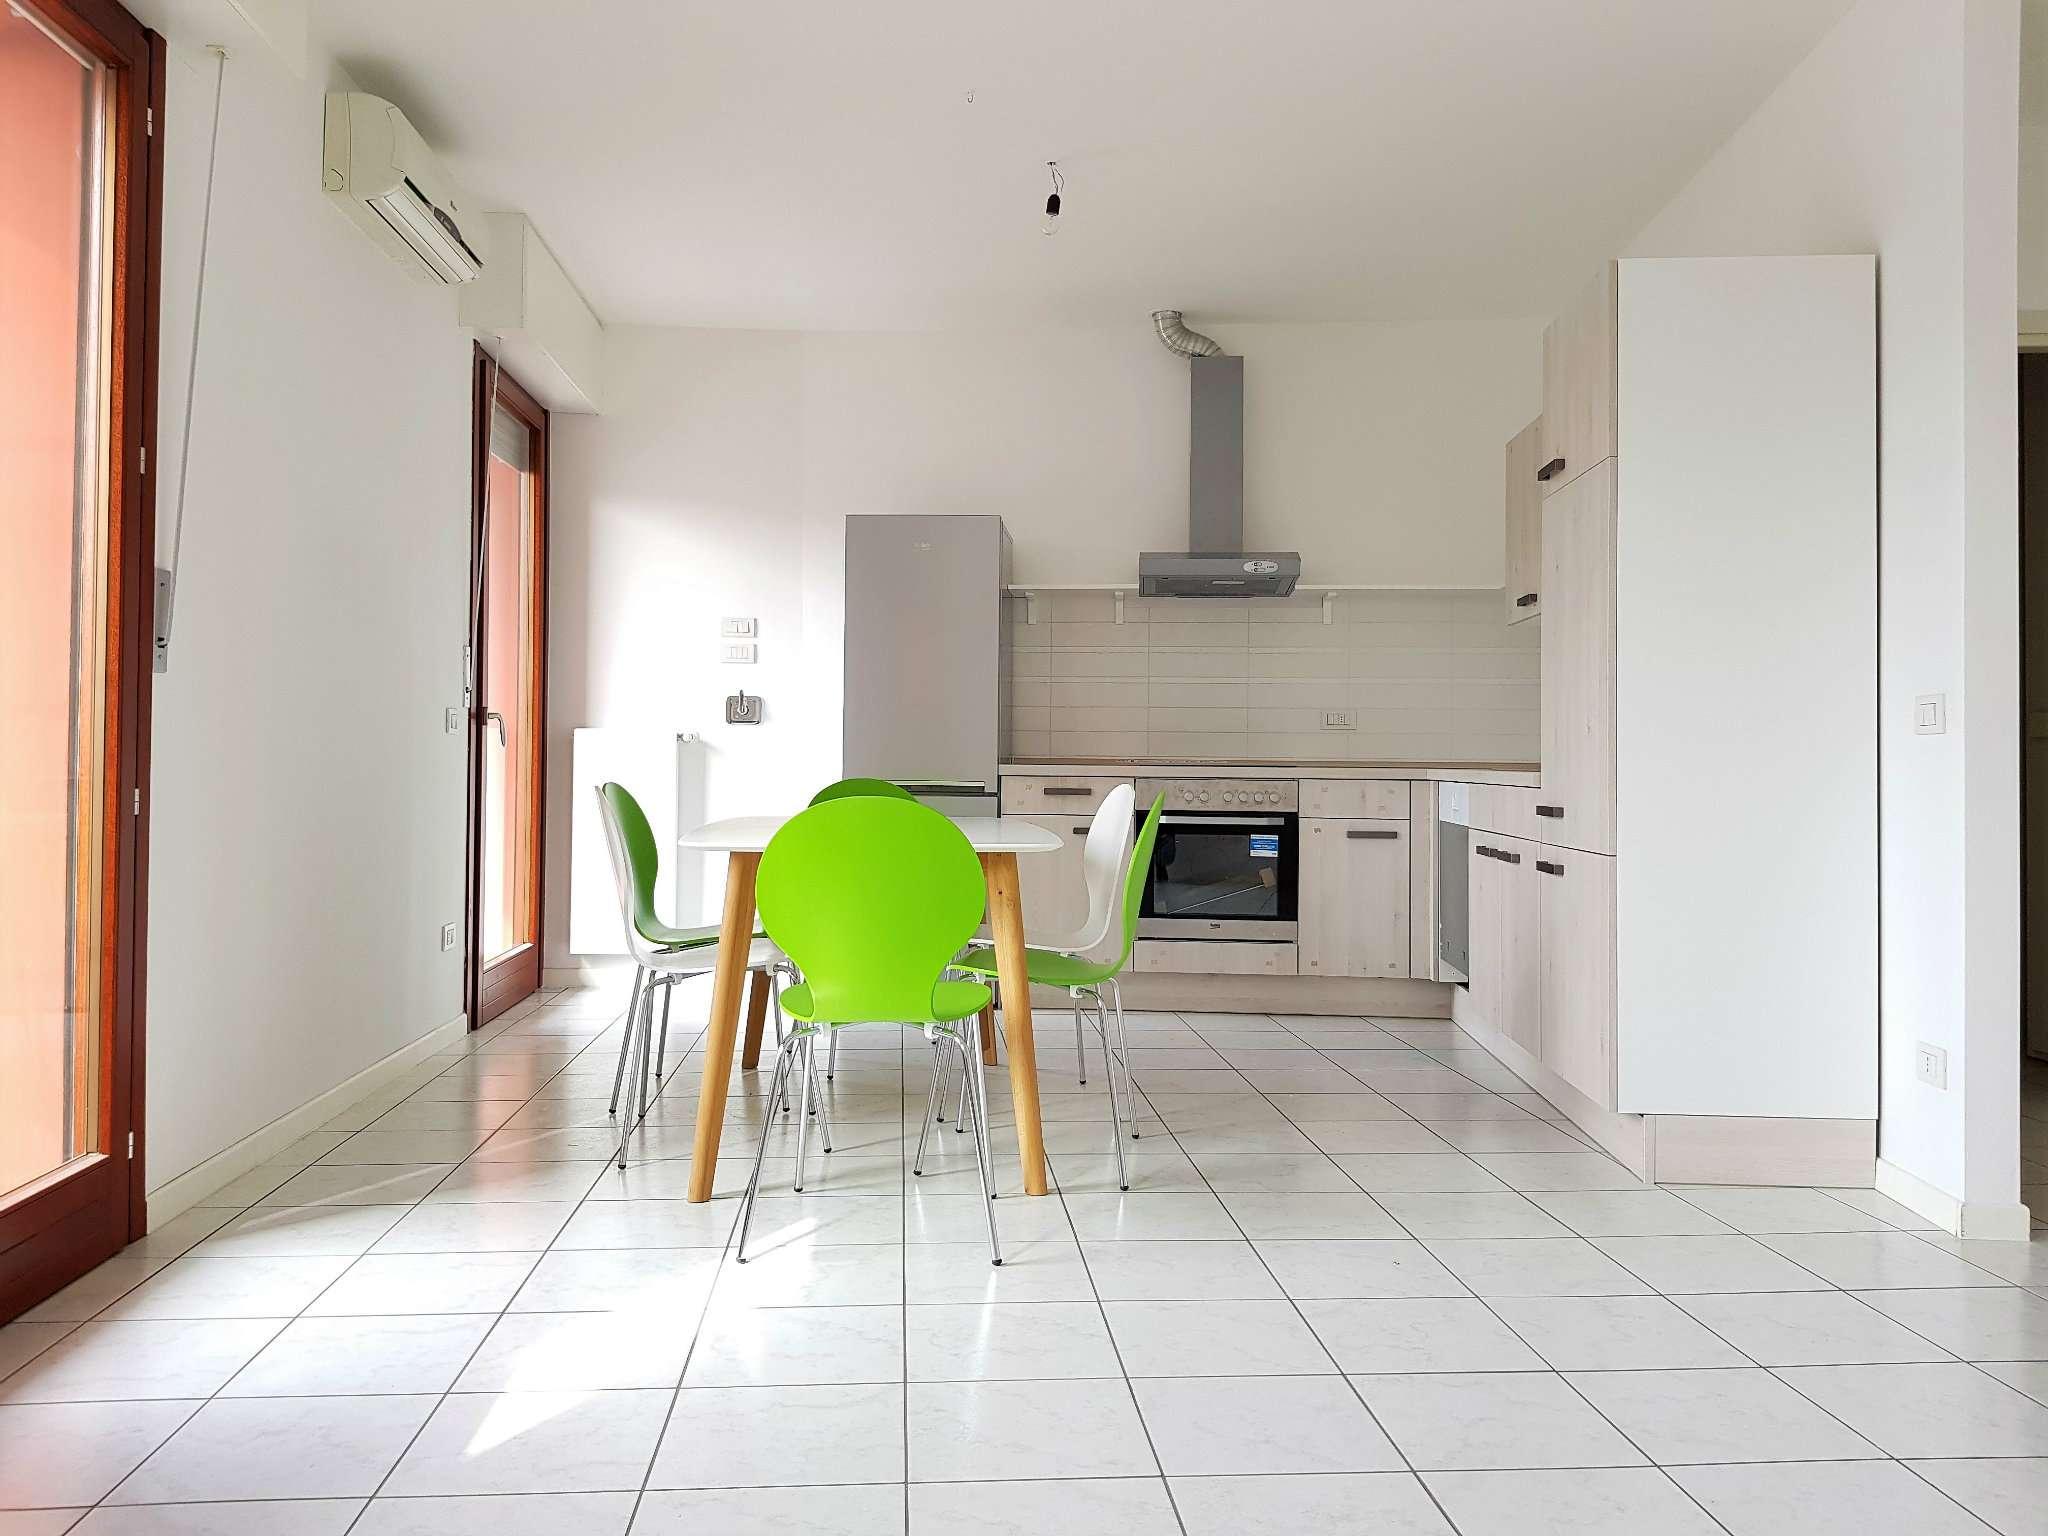 Appartamento in affitto a Cividale del Friuli, 3 locali, prezzo € 500 | CambioCasa.it